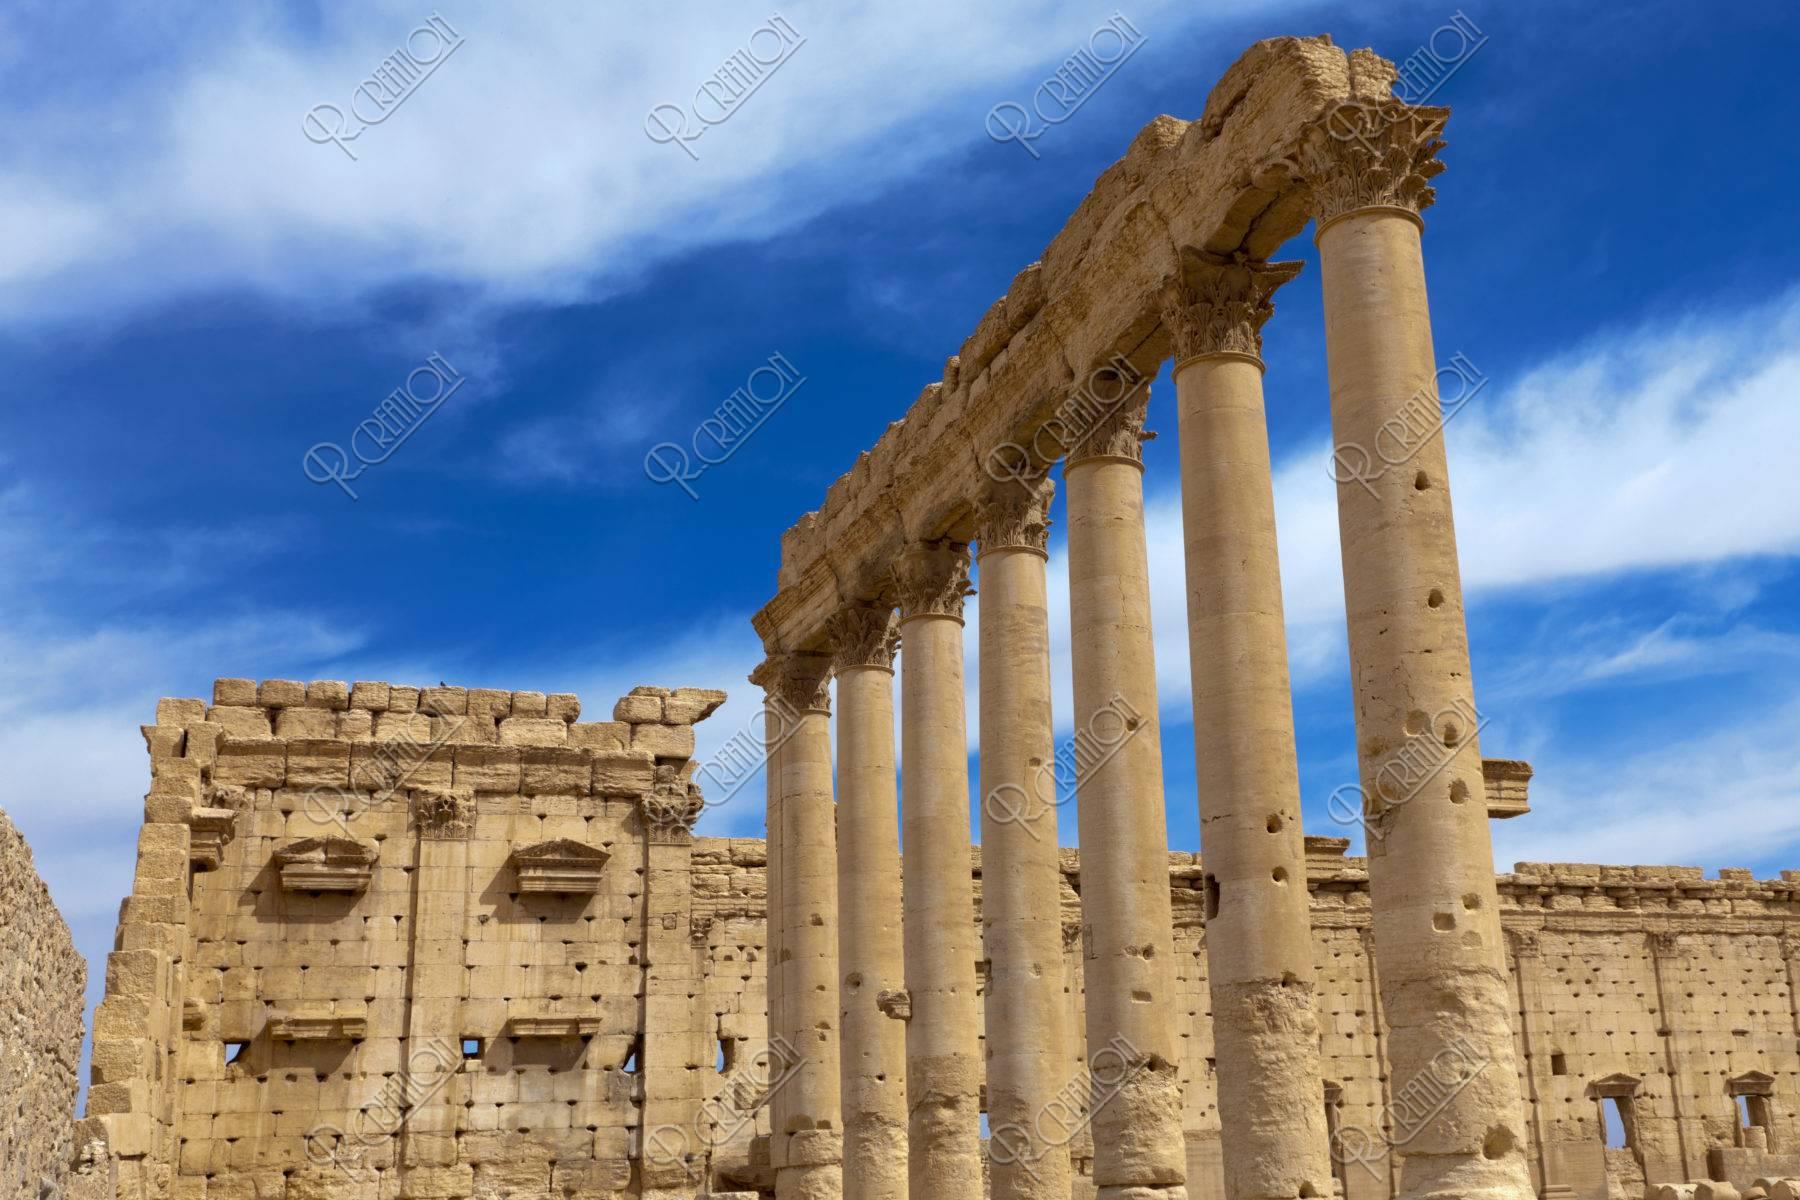 パルミラ遺跡 世界遺産 ベル神殿